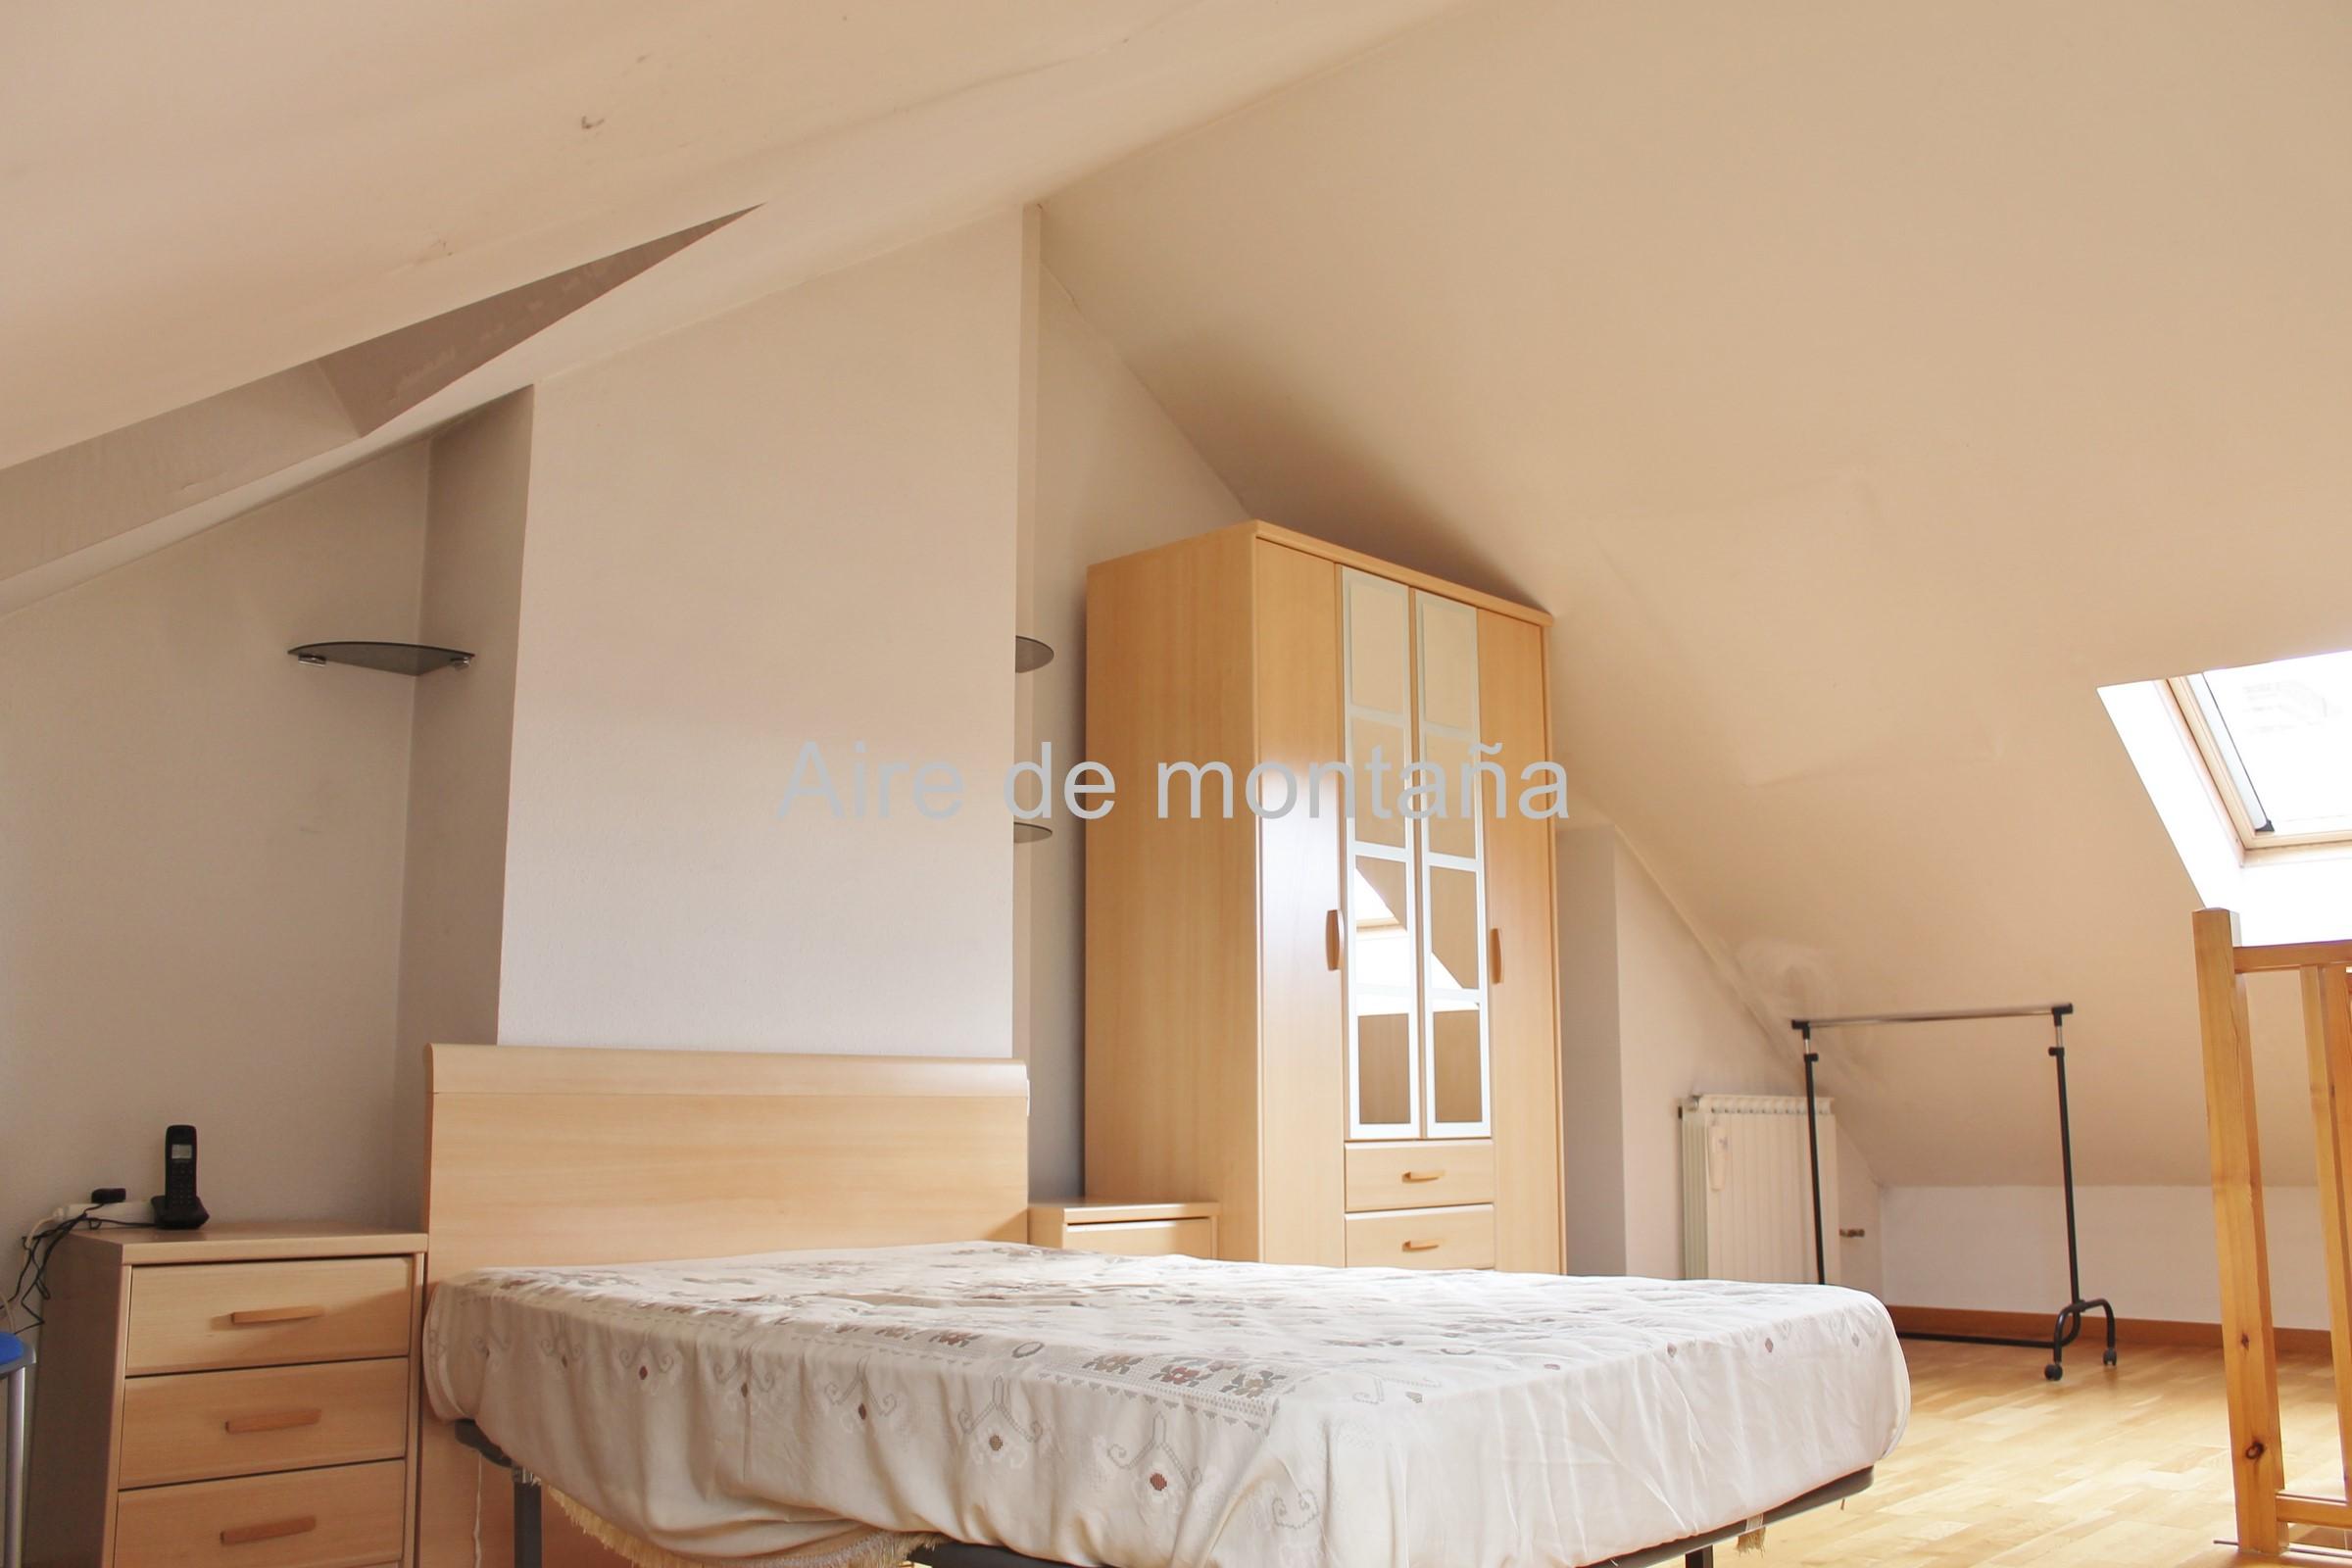 Venta de adosado en calle tejer a jaca aire de monta a - Comprar casa en jaca ...